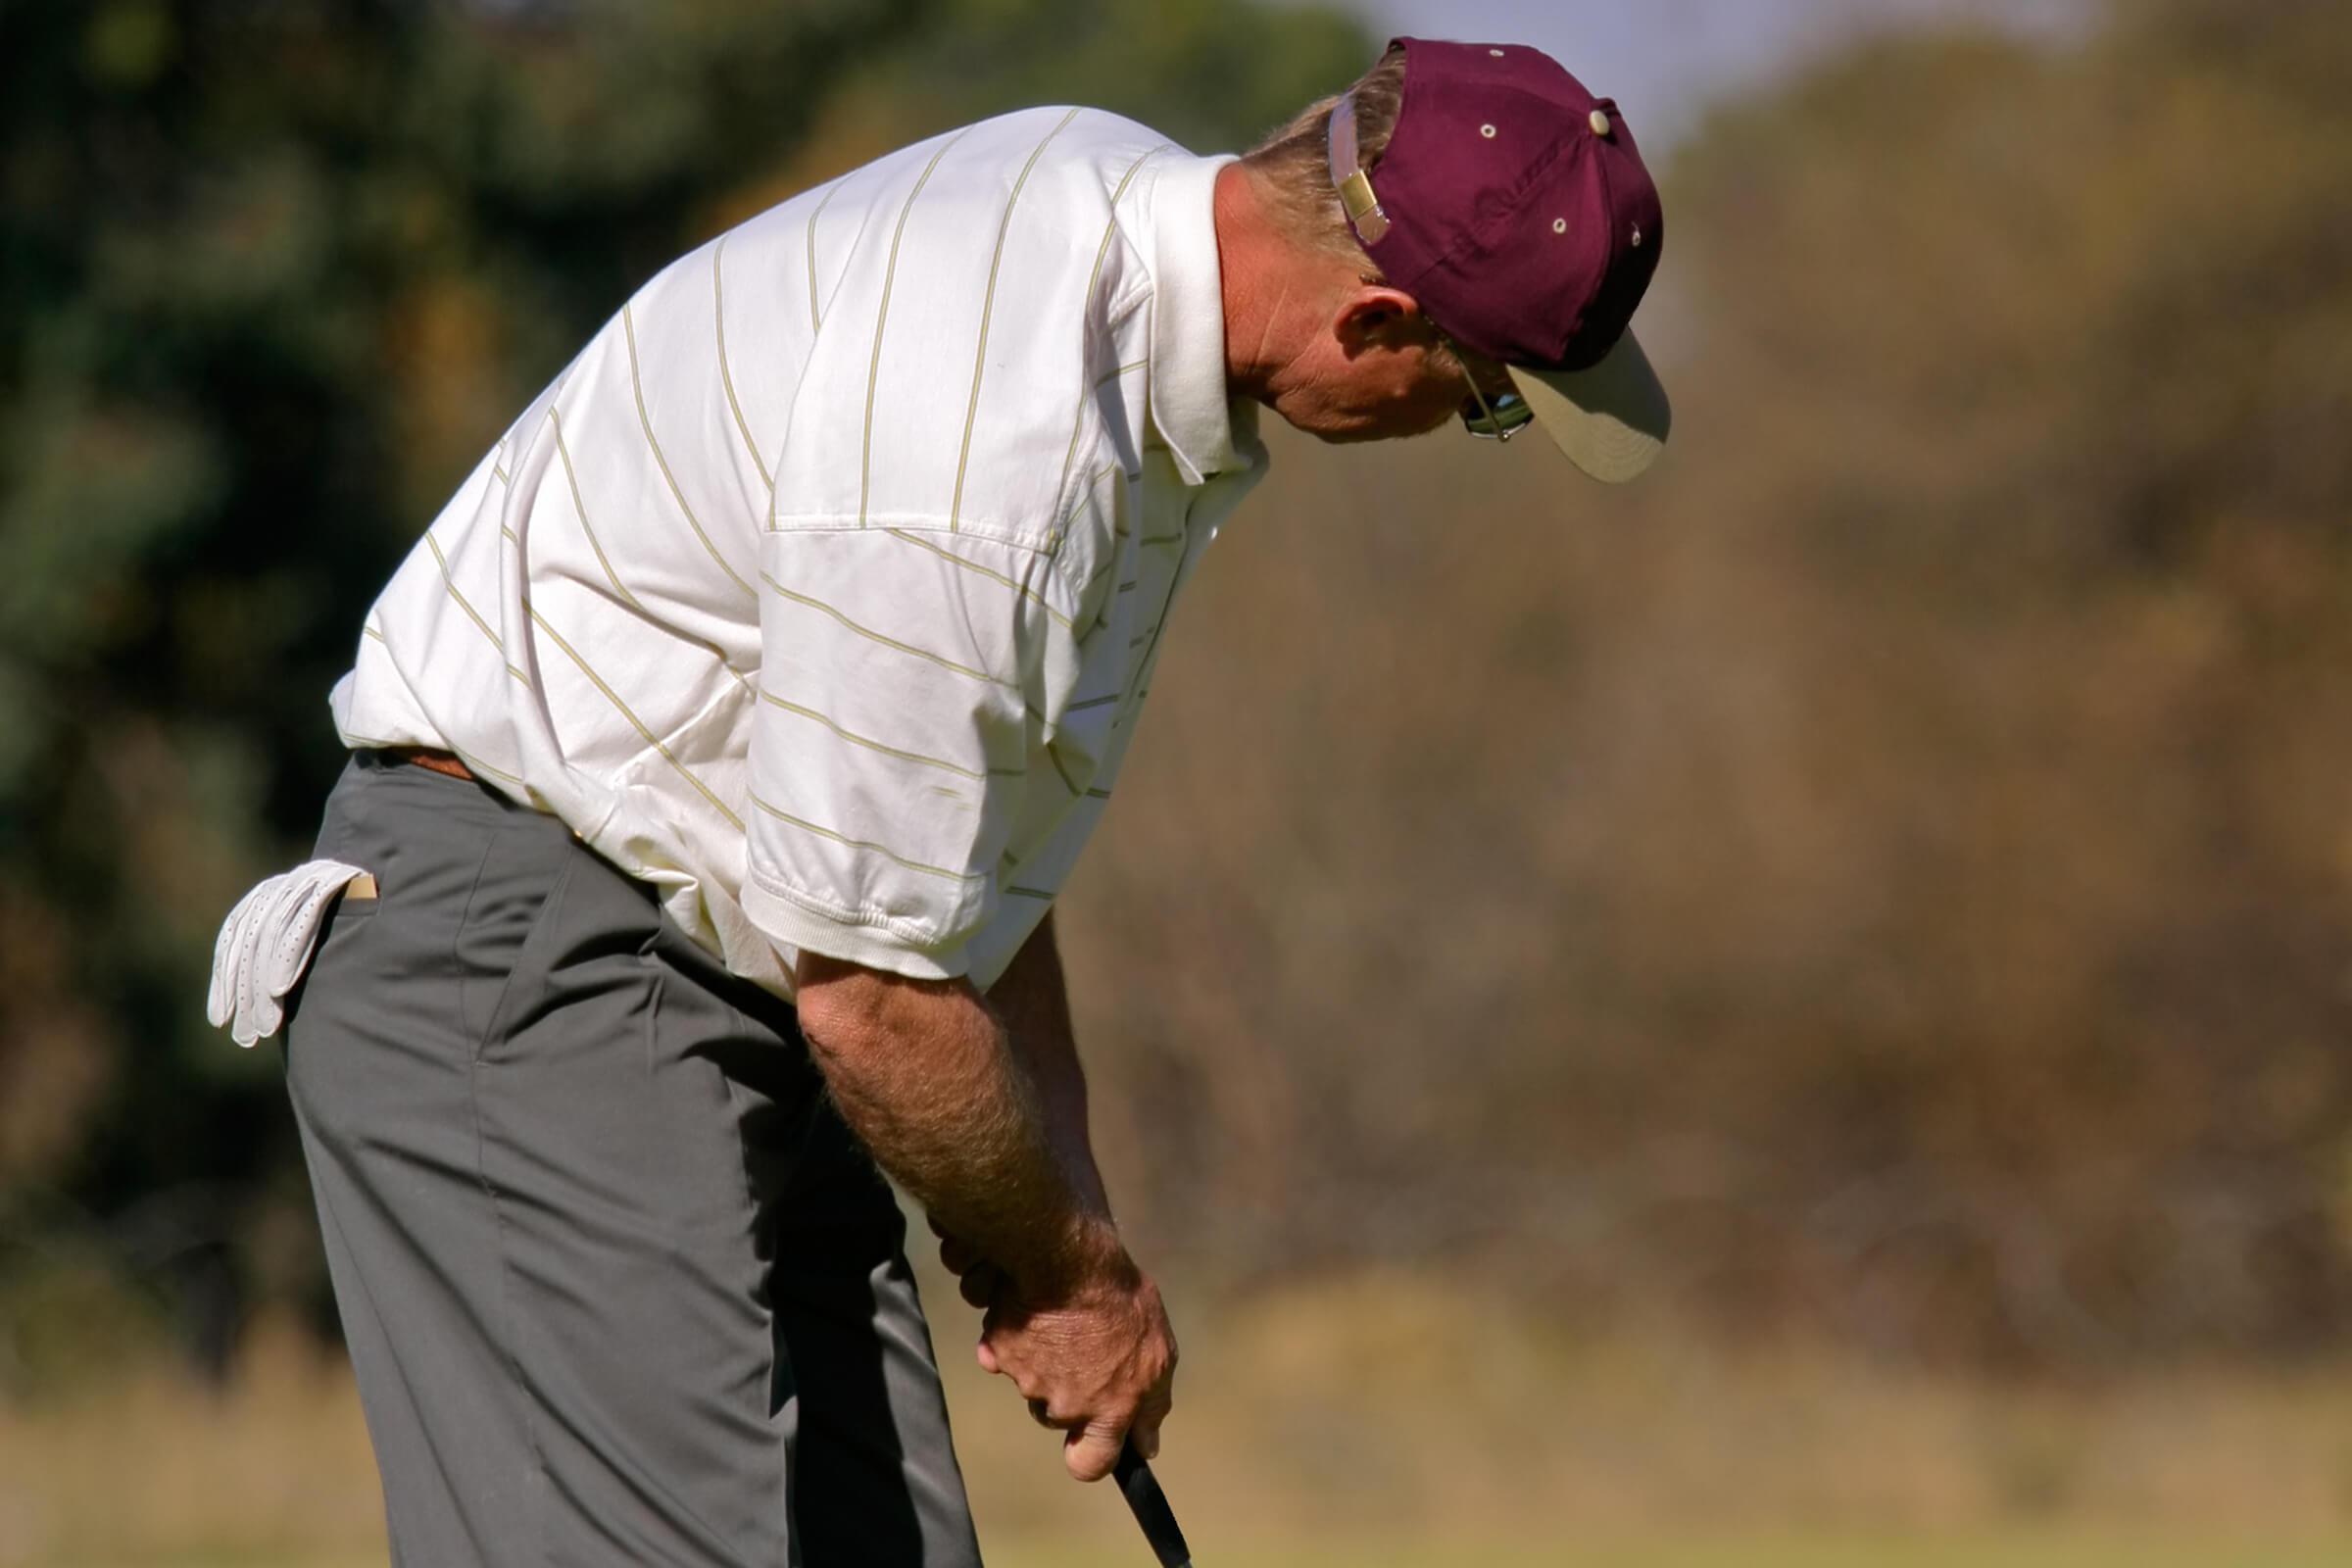 a man wearing a golf ball